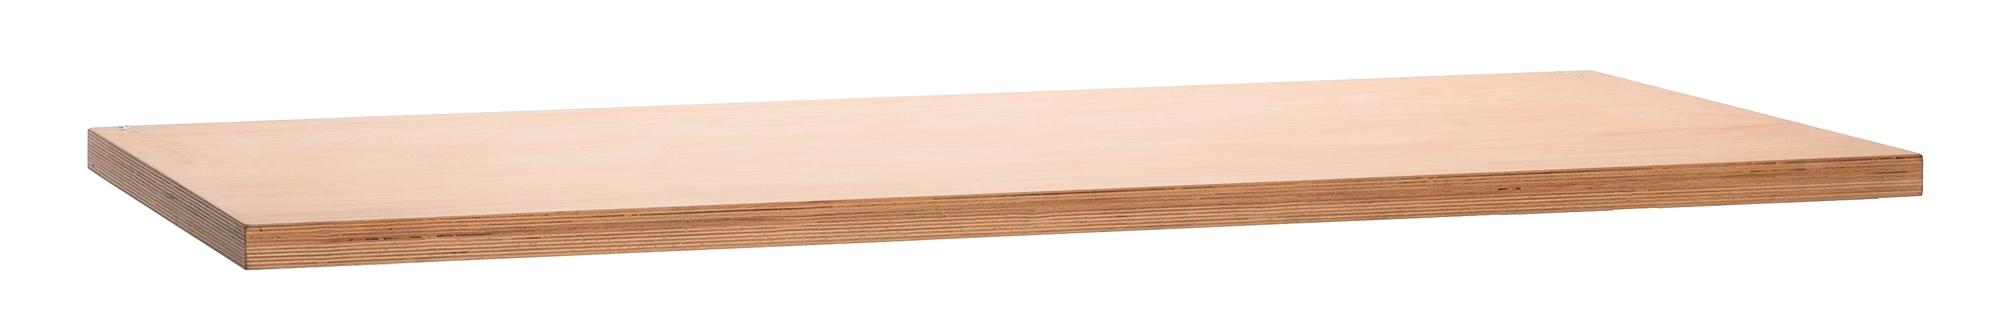 pracovní deska UNIOR 2000x750x40 mm, dřevěná